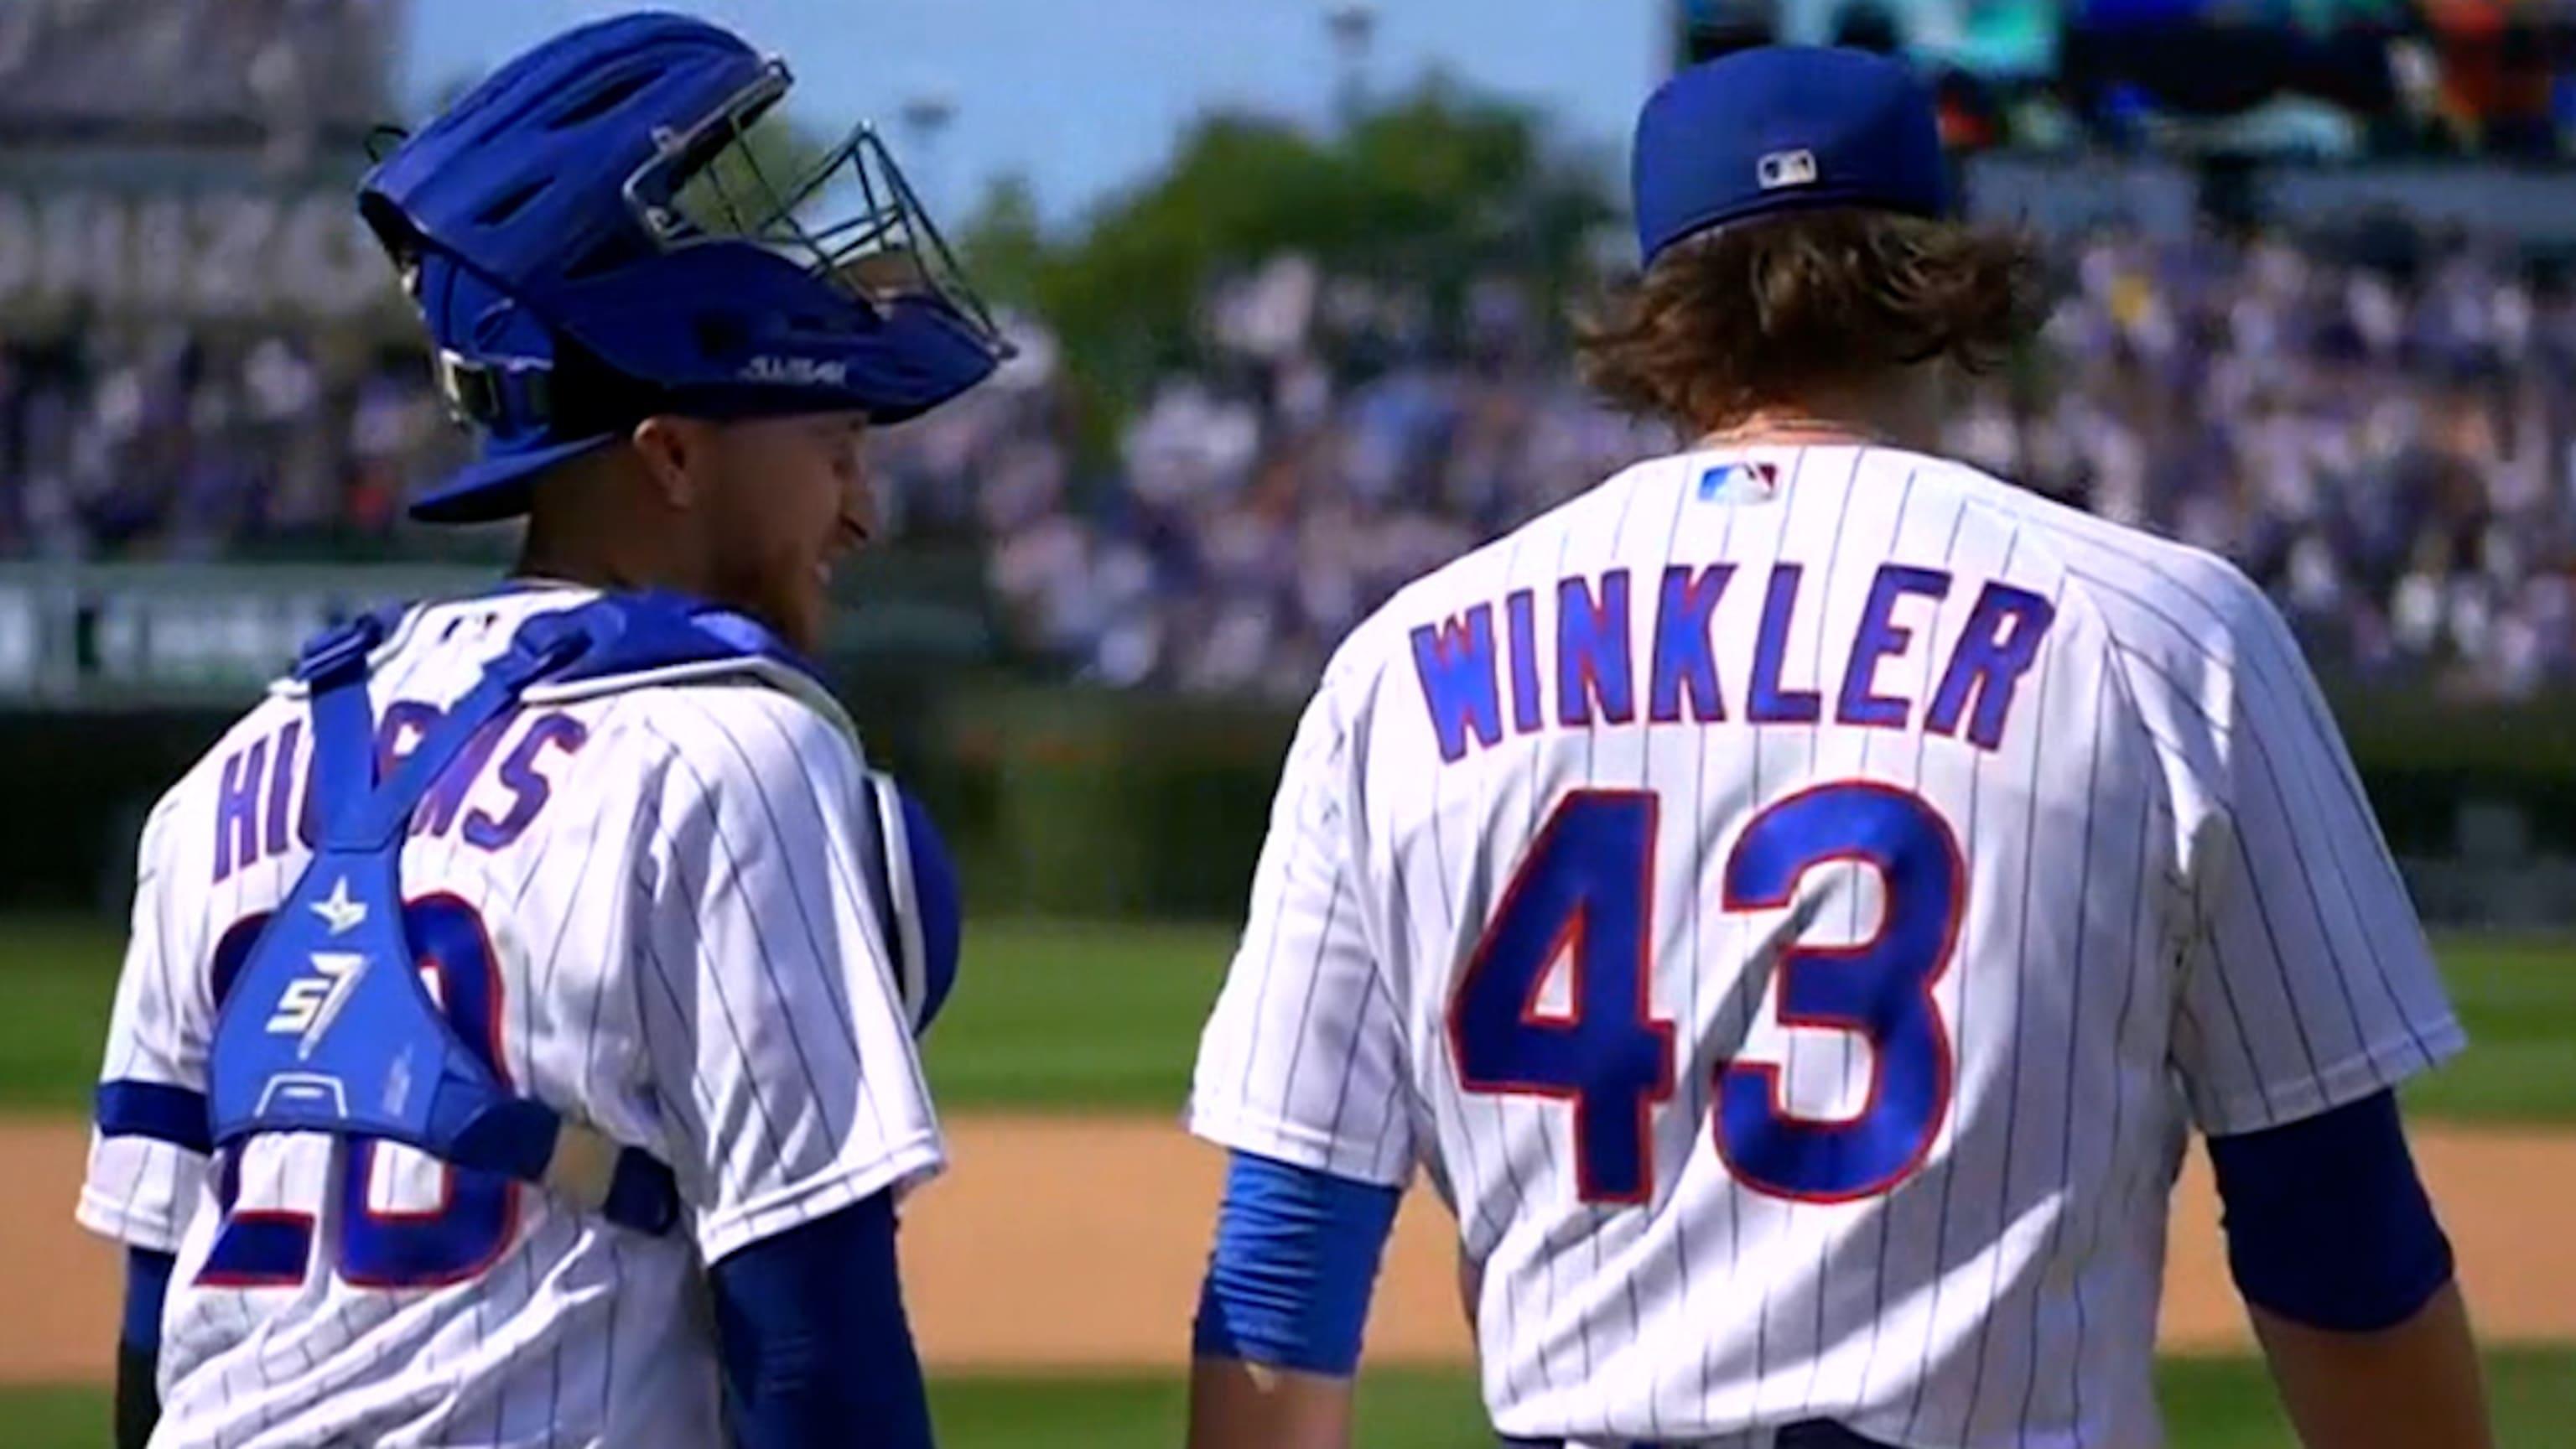 Dan Winkler registra el último out